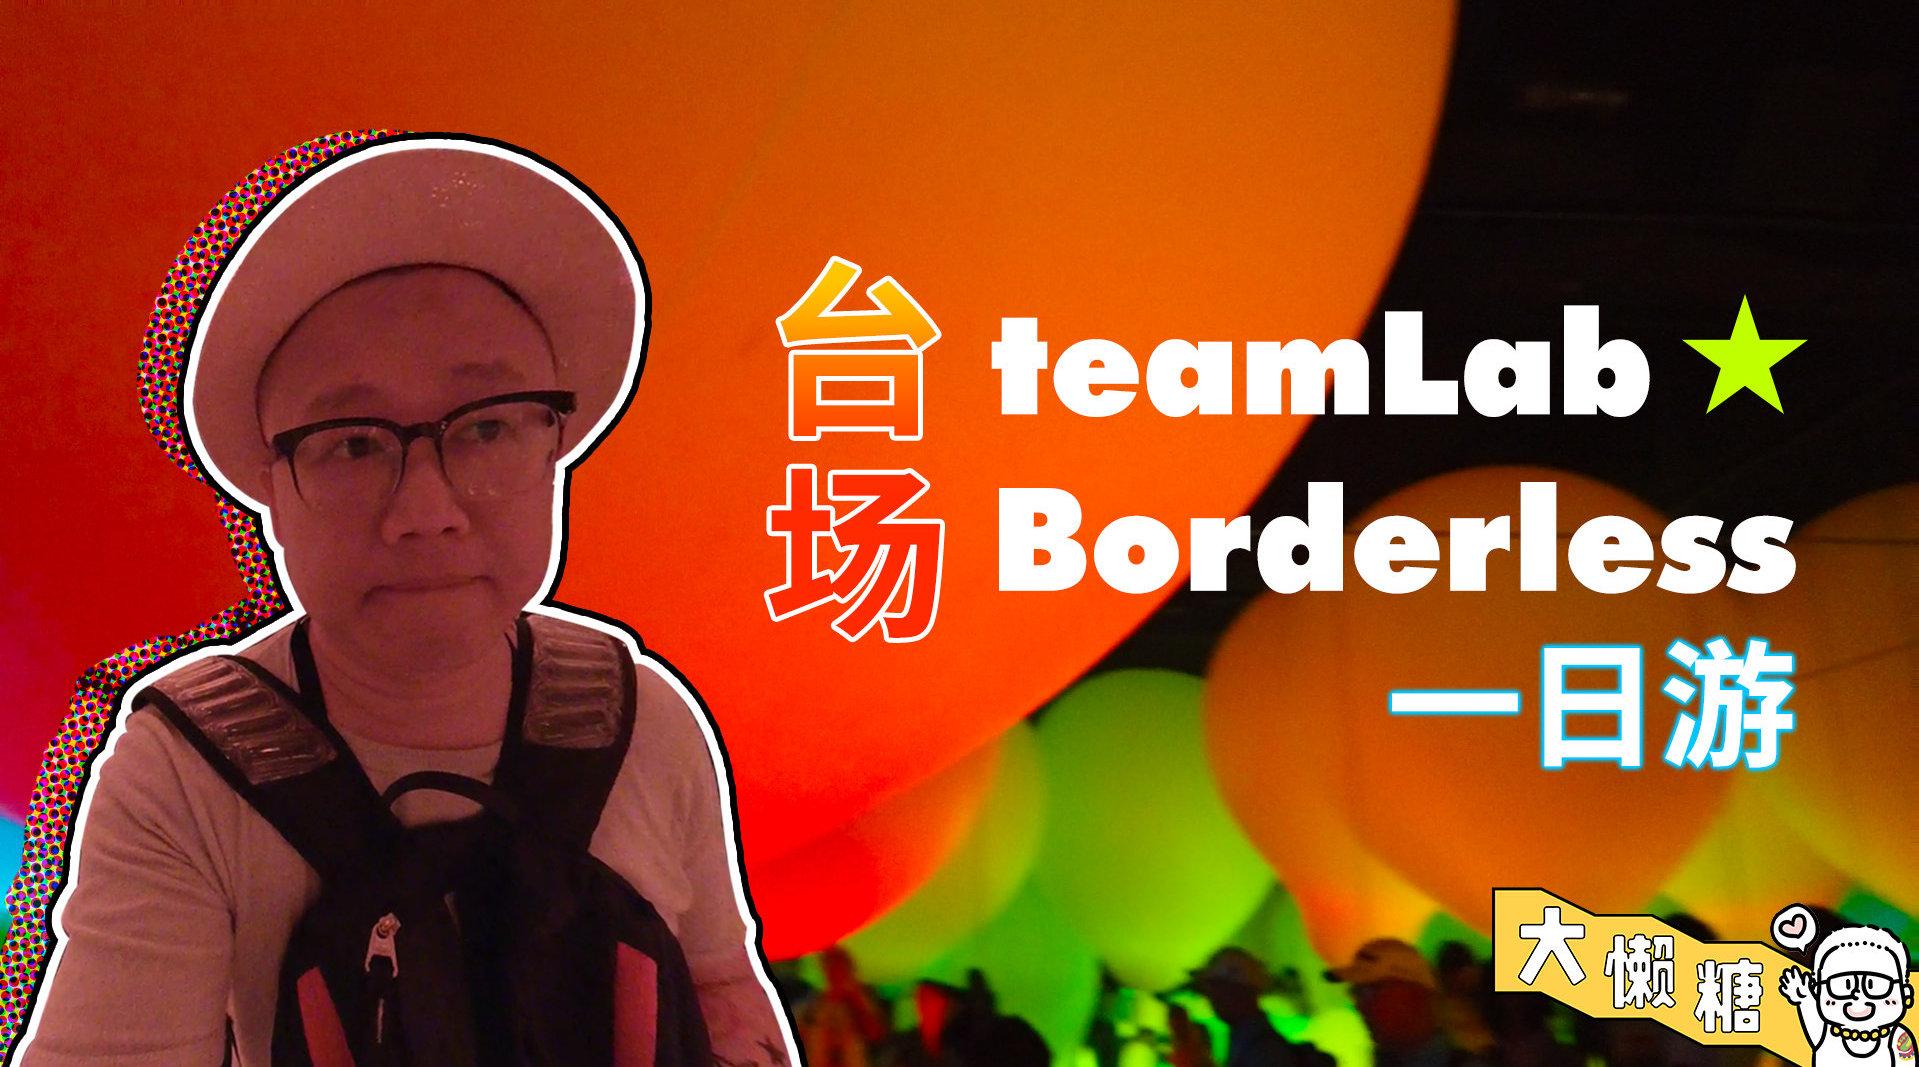 之前跟朋友去台场看teamLab Borderless,印象最深的是海浪那个展厅